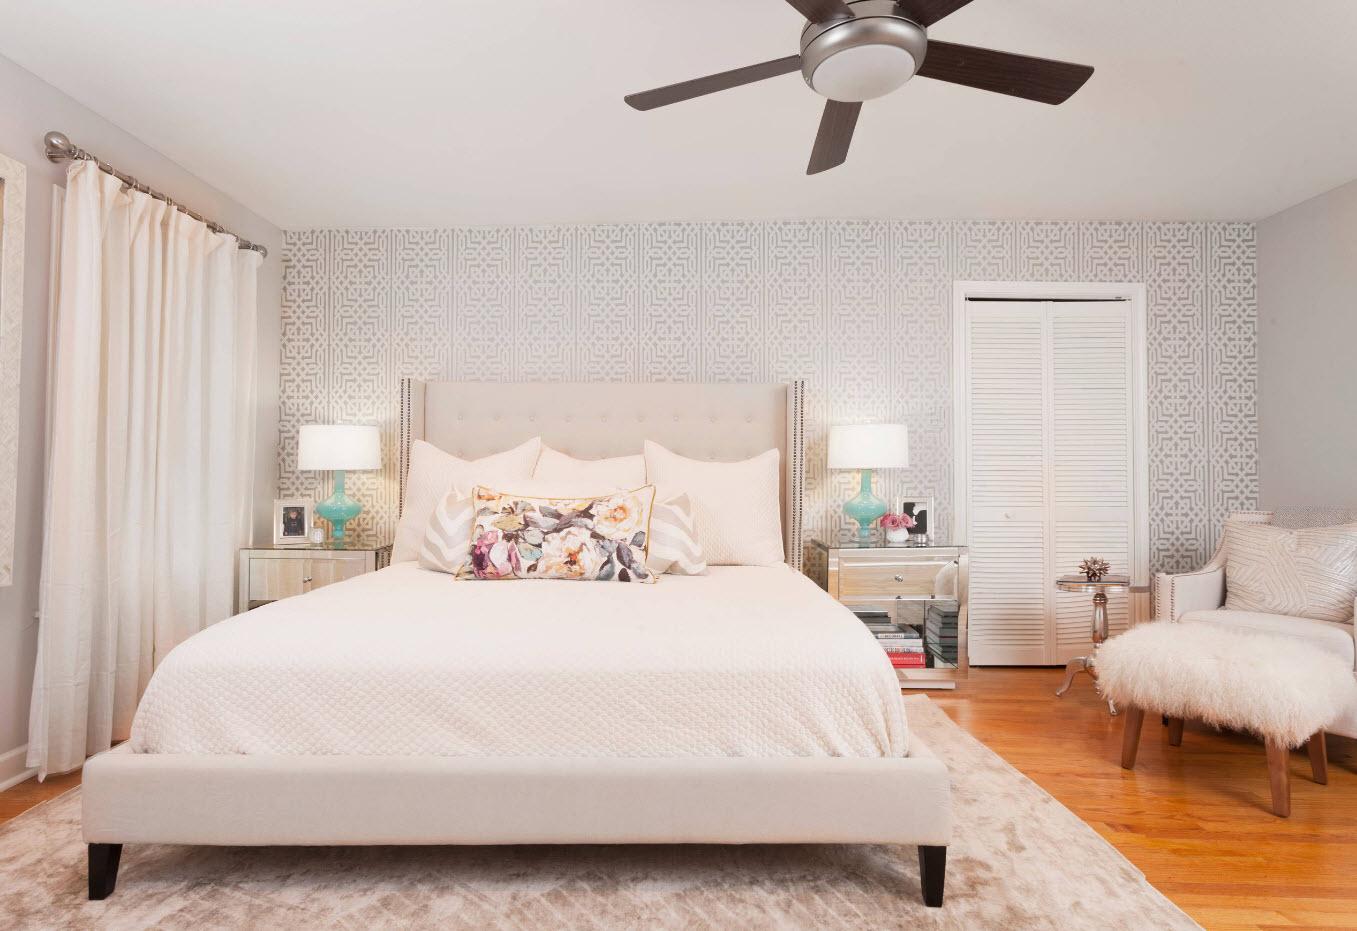 100 лучших идей дизайна: обои для спальни 2017 года на фото